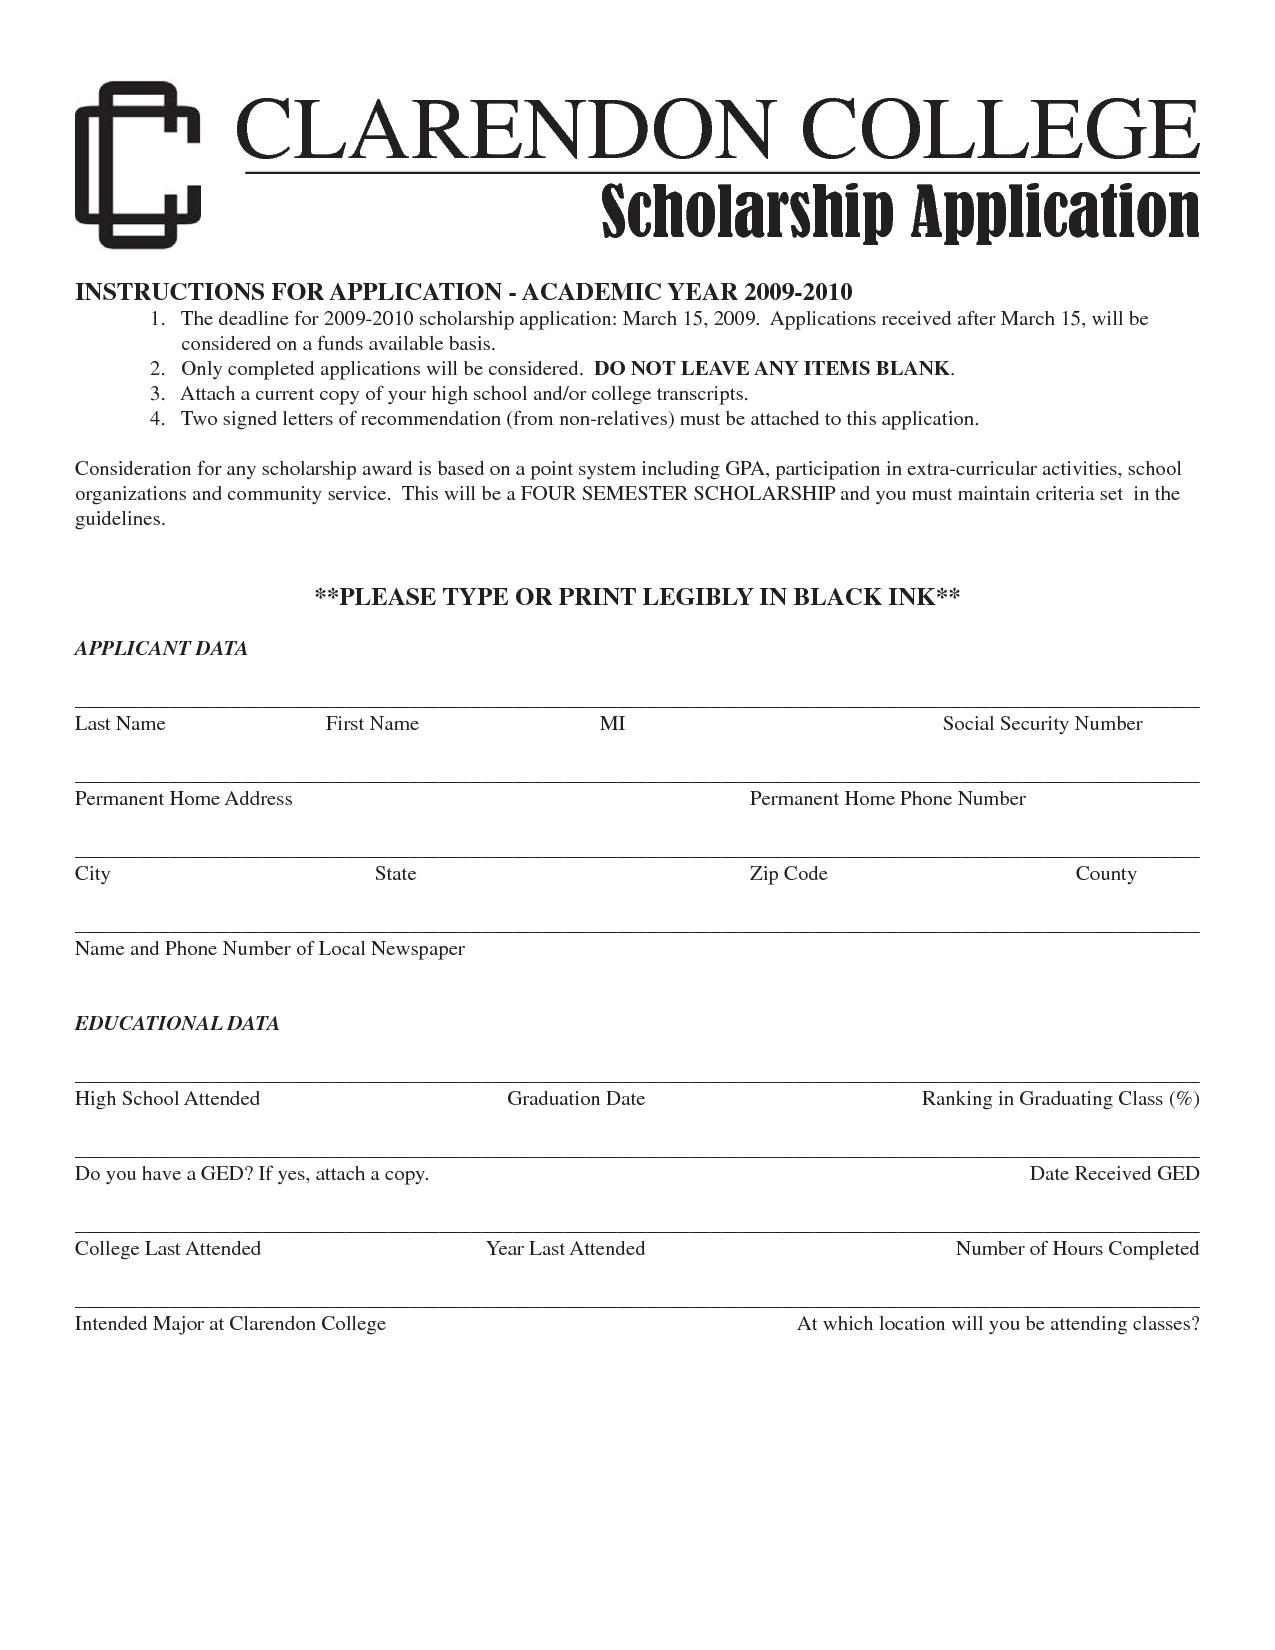 Sample Scholarship Application Letter from www.sampleletter1.com